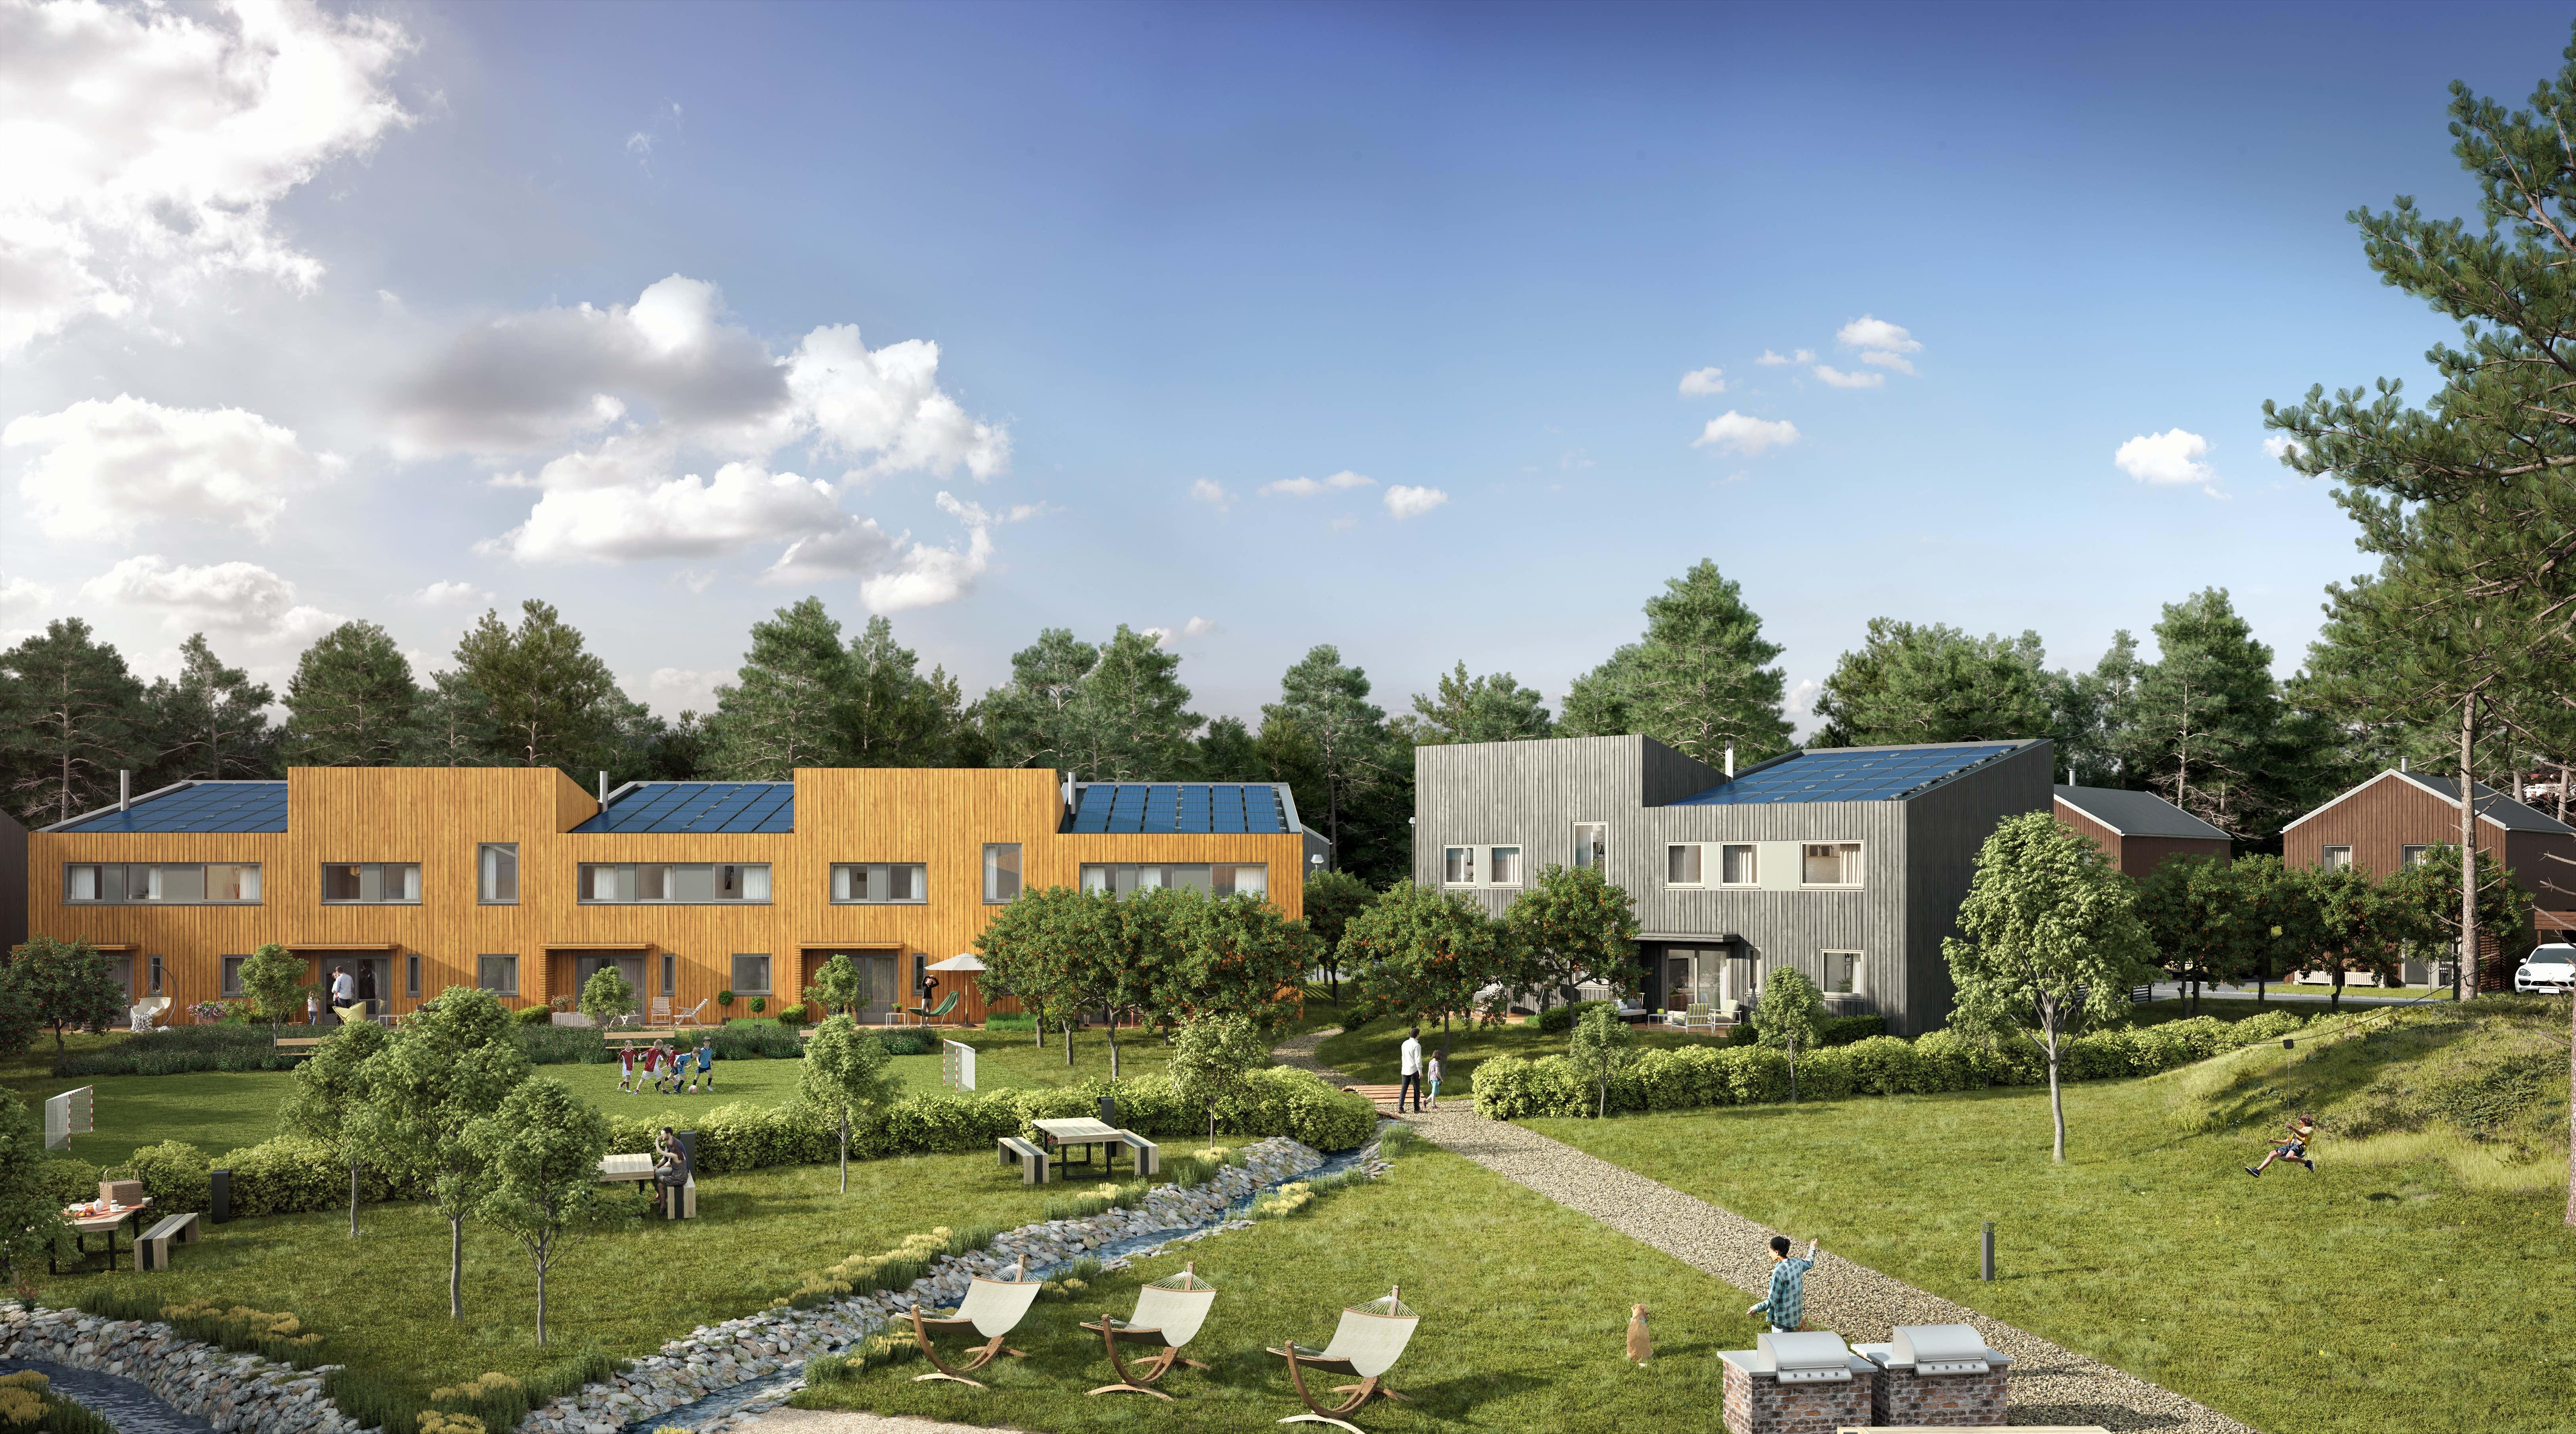 Skal legge 1 500 solceller på 72 hus på Ski